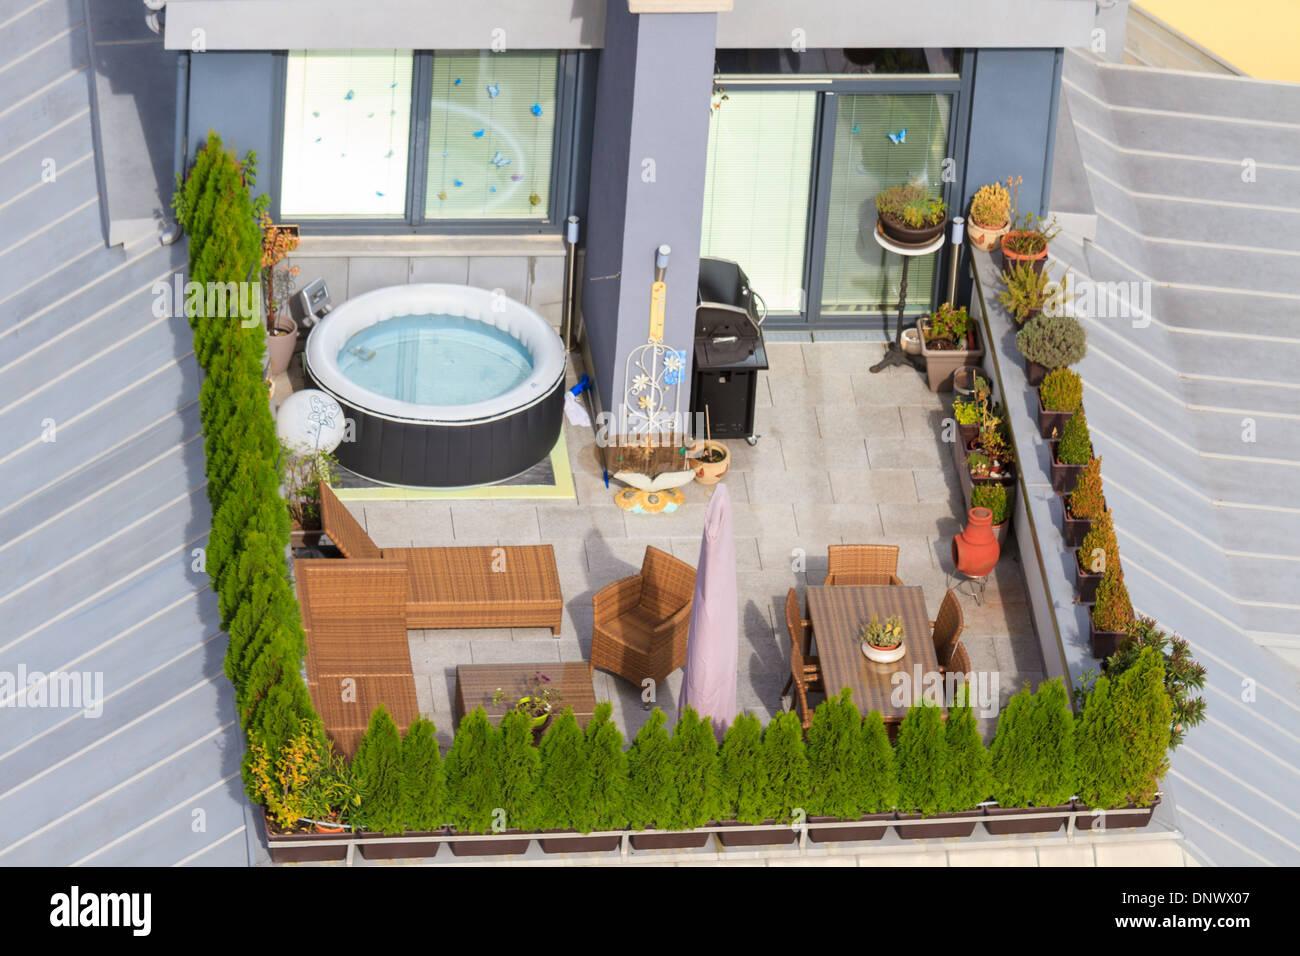 terrasse auf dem dach mit gr nen garten und whirlpool stockfoto bild 65108071 alamy. Black Bedroom Furniture Sets. Home Design Ideas